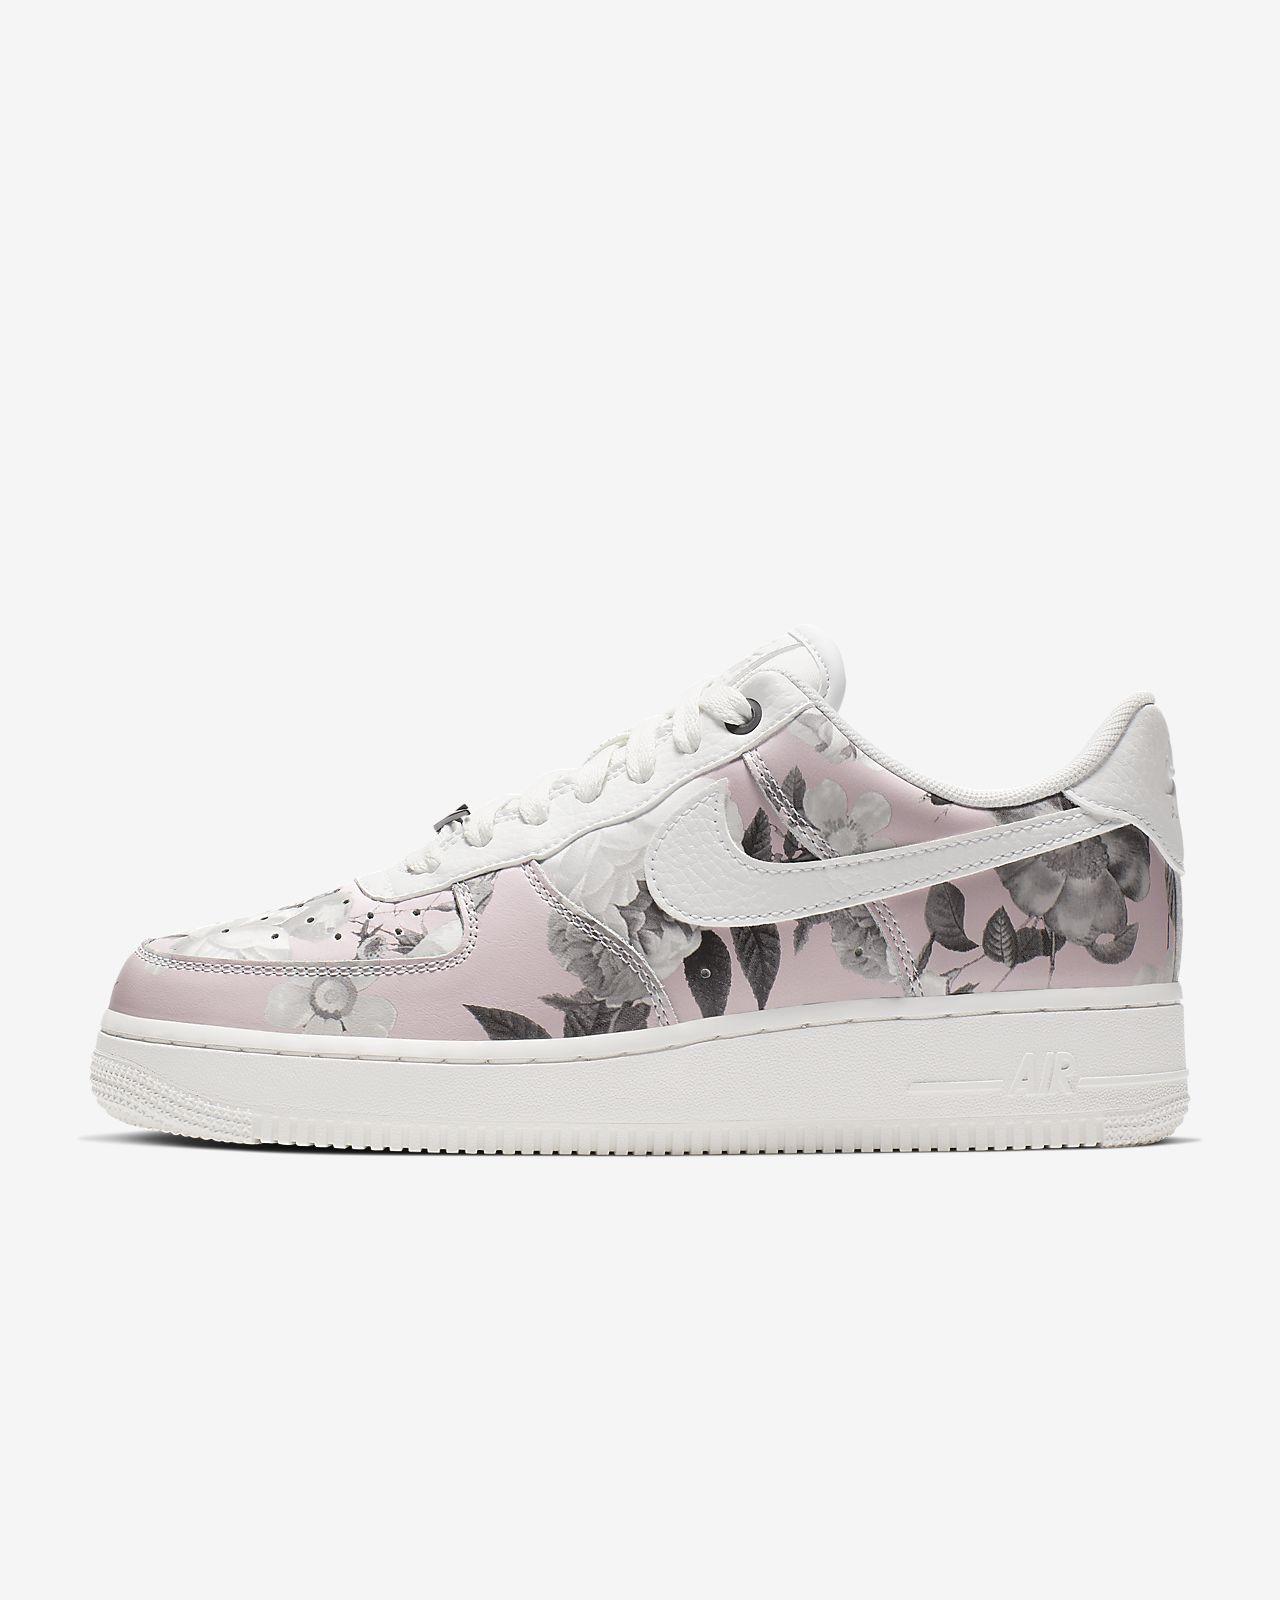 Nike Air Force 1 '07 LXX Kadın Ayakkabısı